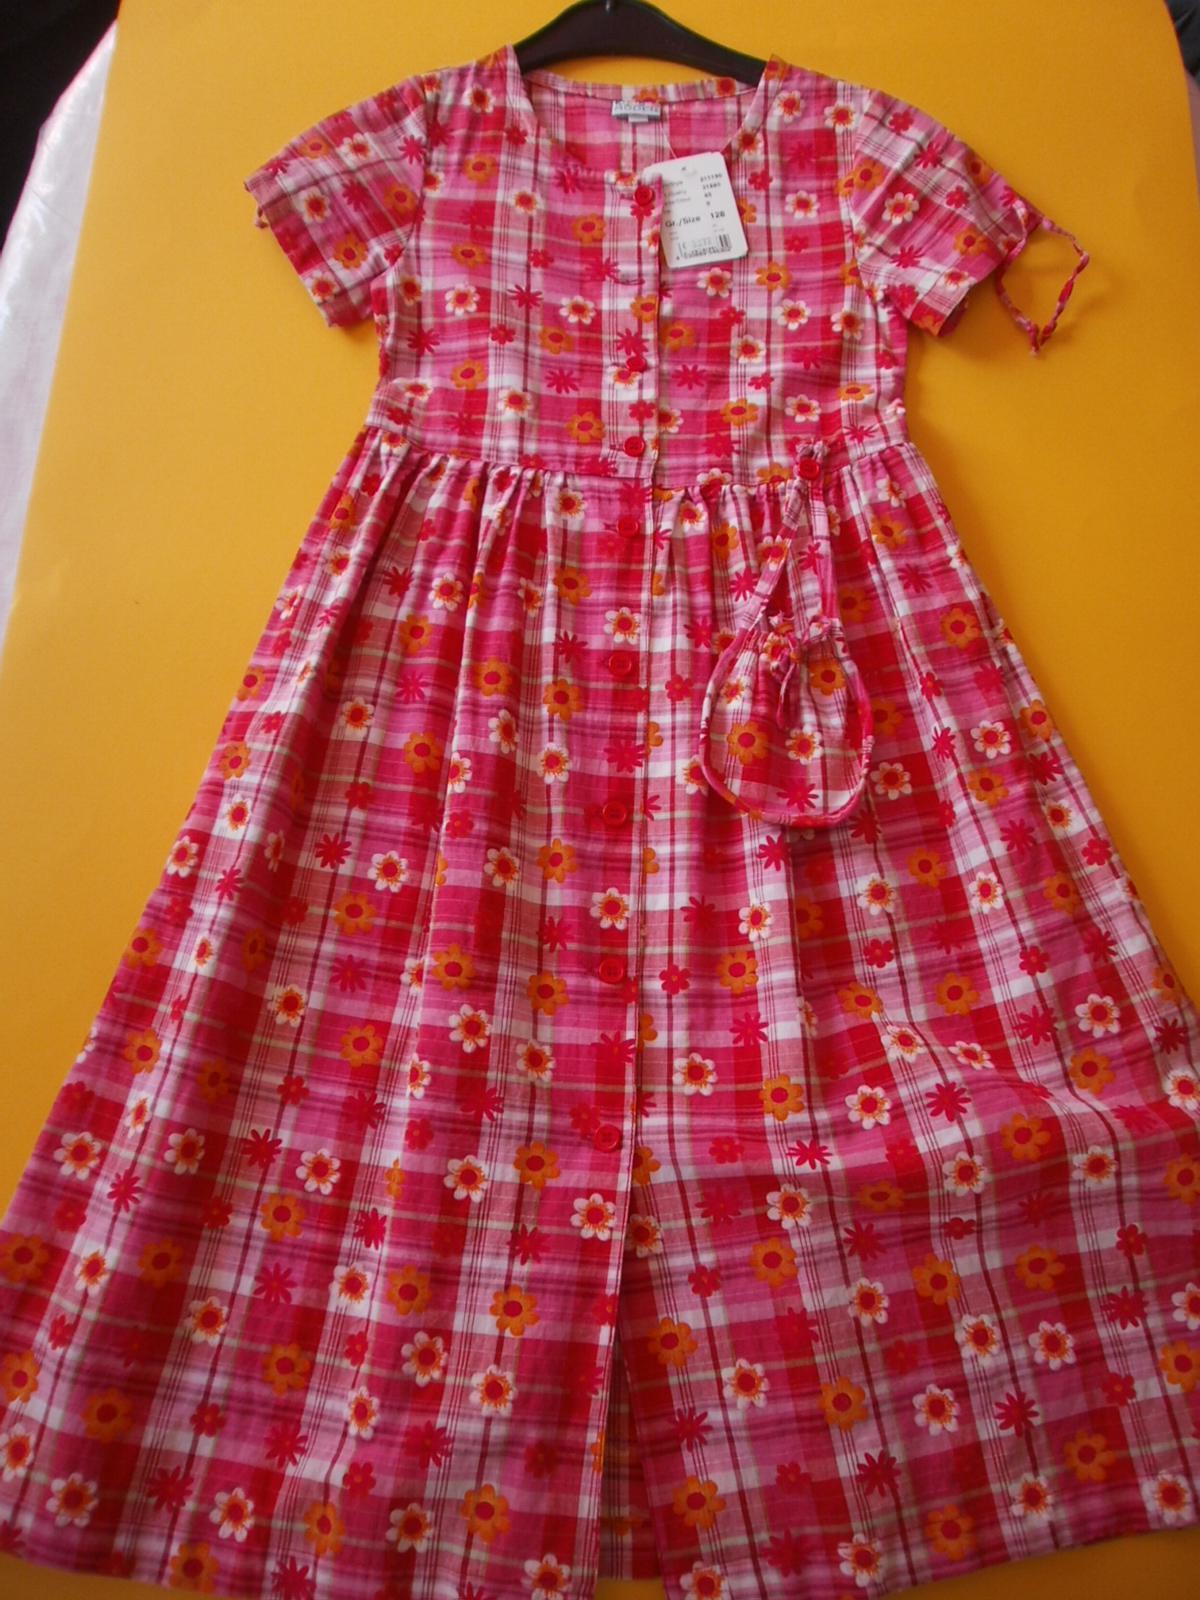 Sommerkleid Mädchen  Kaufen Bei Coole Kids Fashion